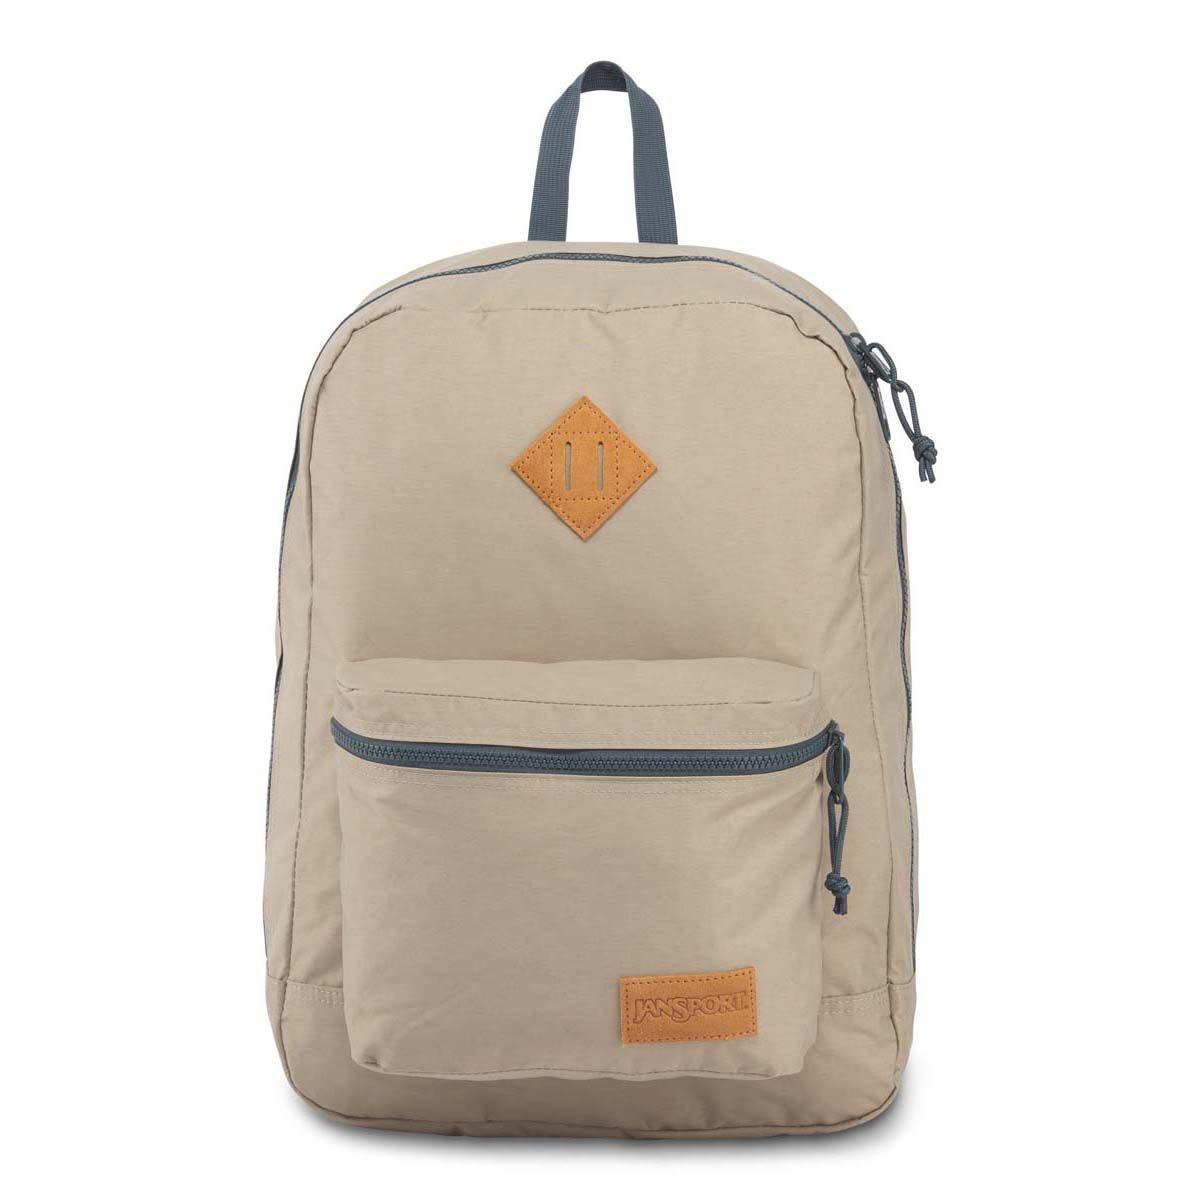 JanSport Super Lite Backpack in Oyster/Dark Slate Grey